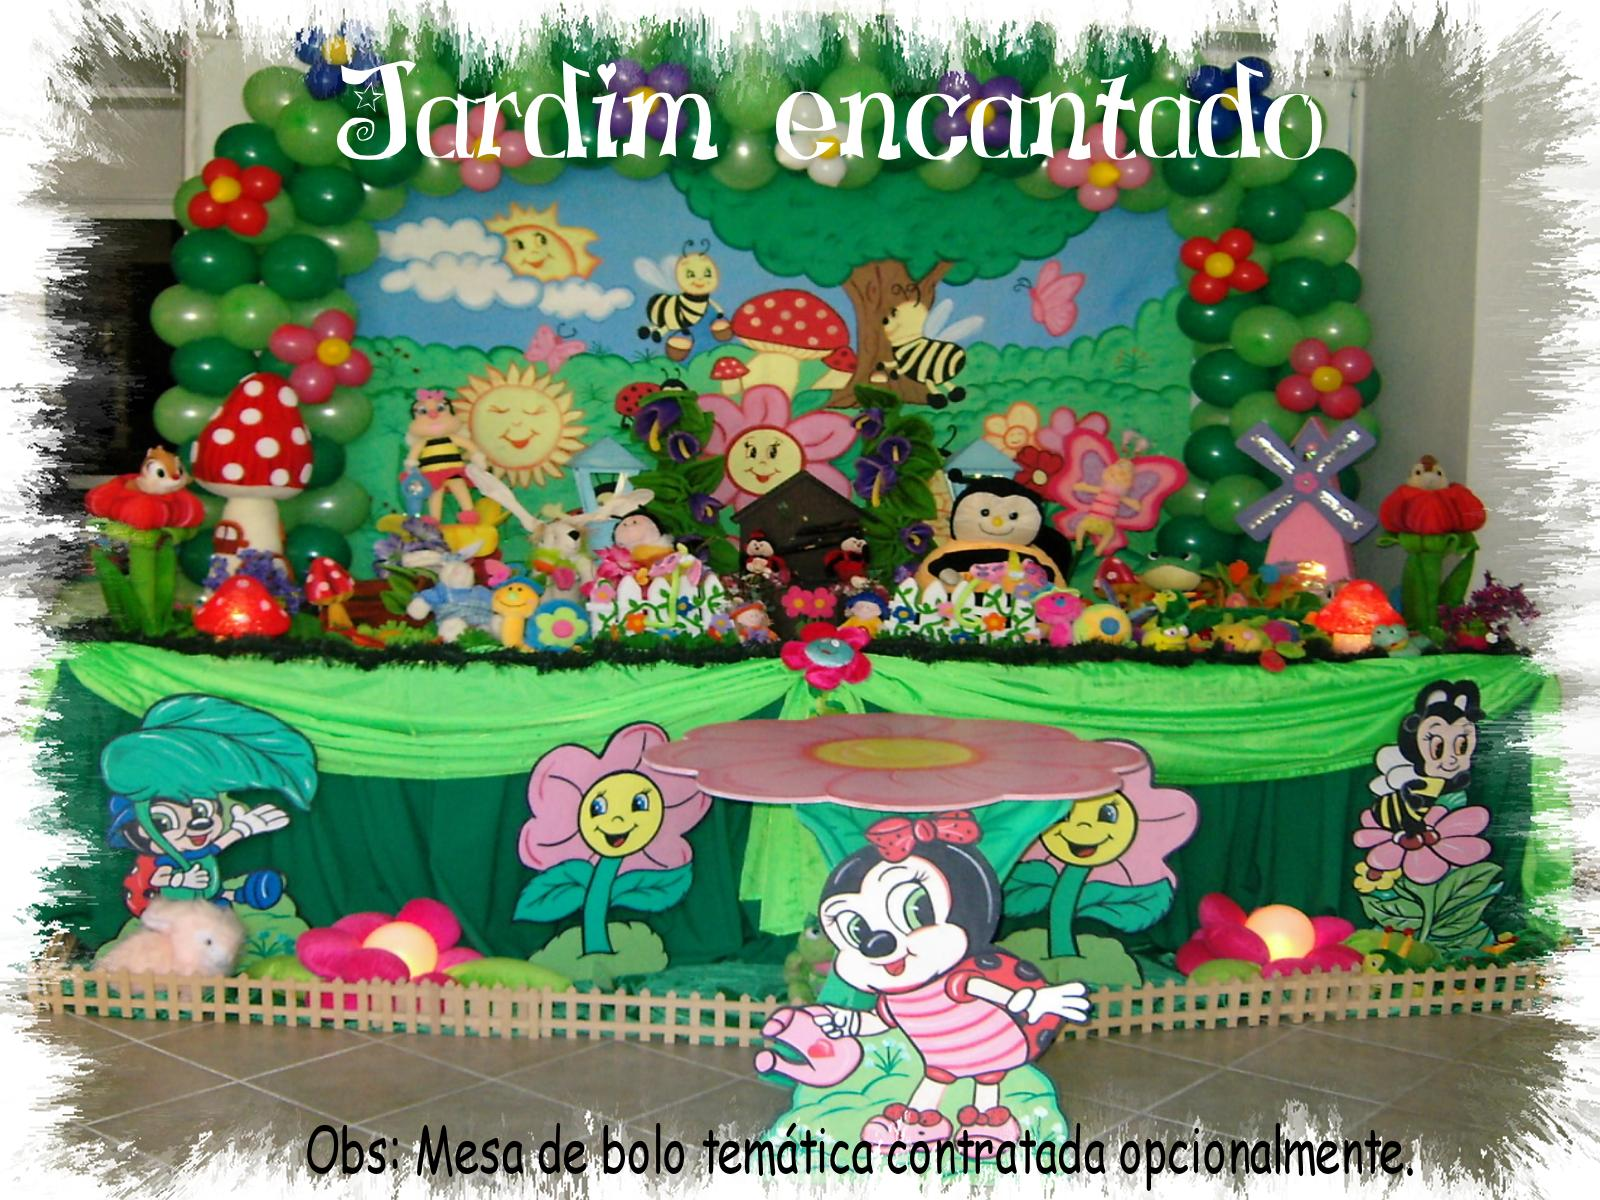 decoracao de bolas tema jardim encantado:Atelier Doces Sonhos Festas: Decoração Tema Jardim Encantado